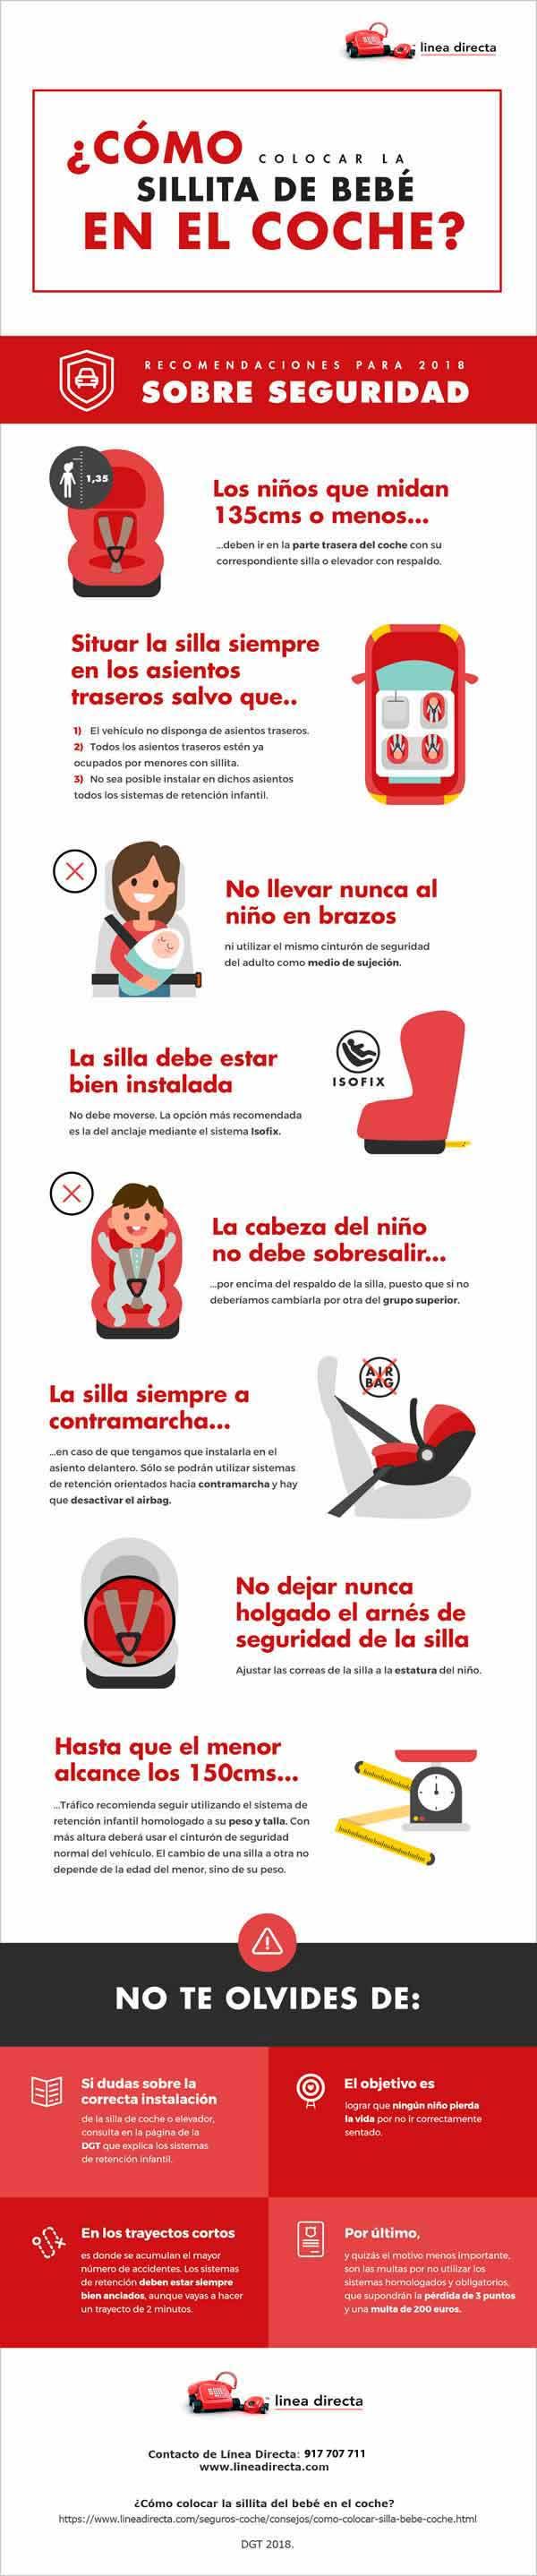 ¿Cómo colocar la silla de bebé en el coche?